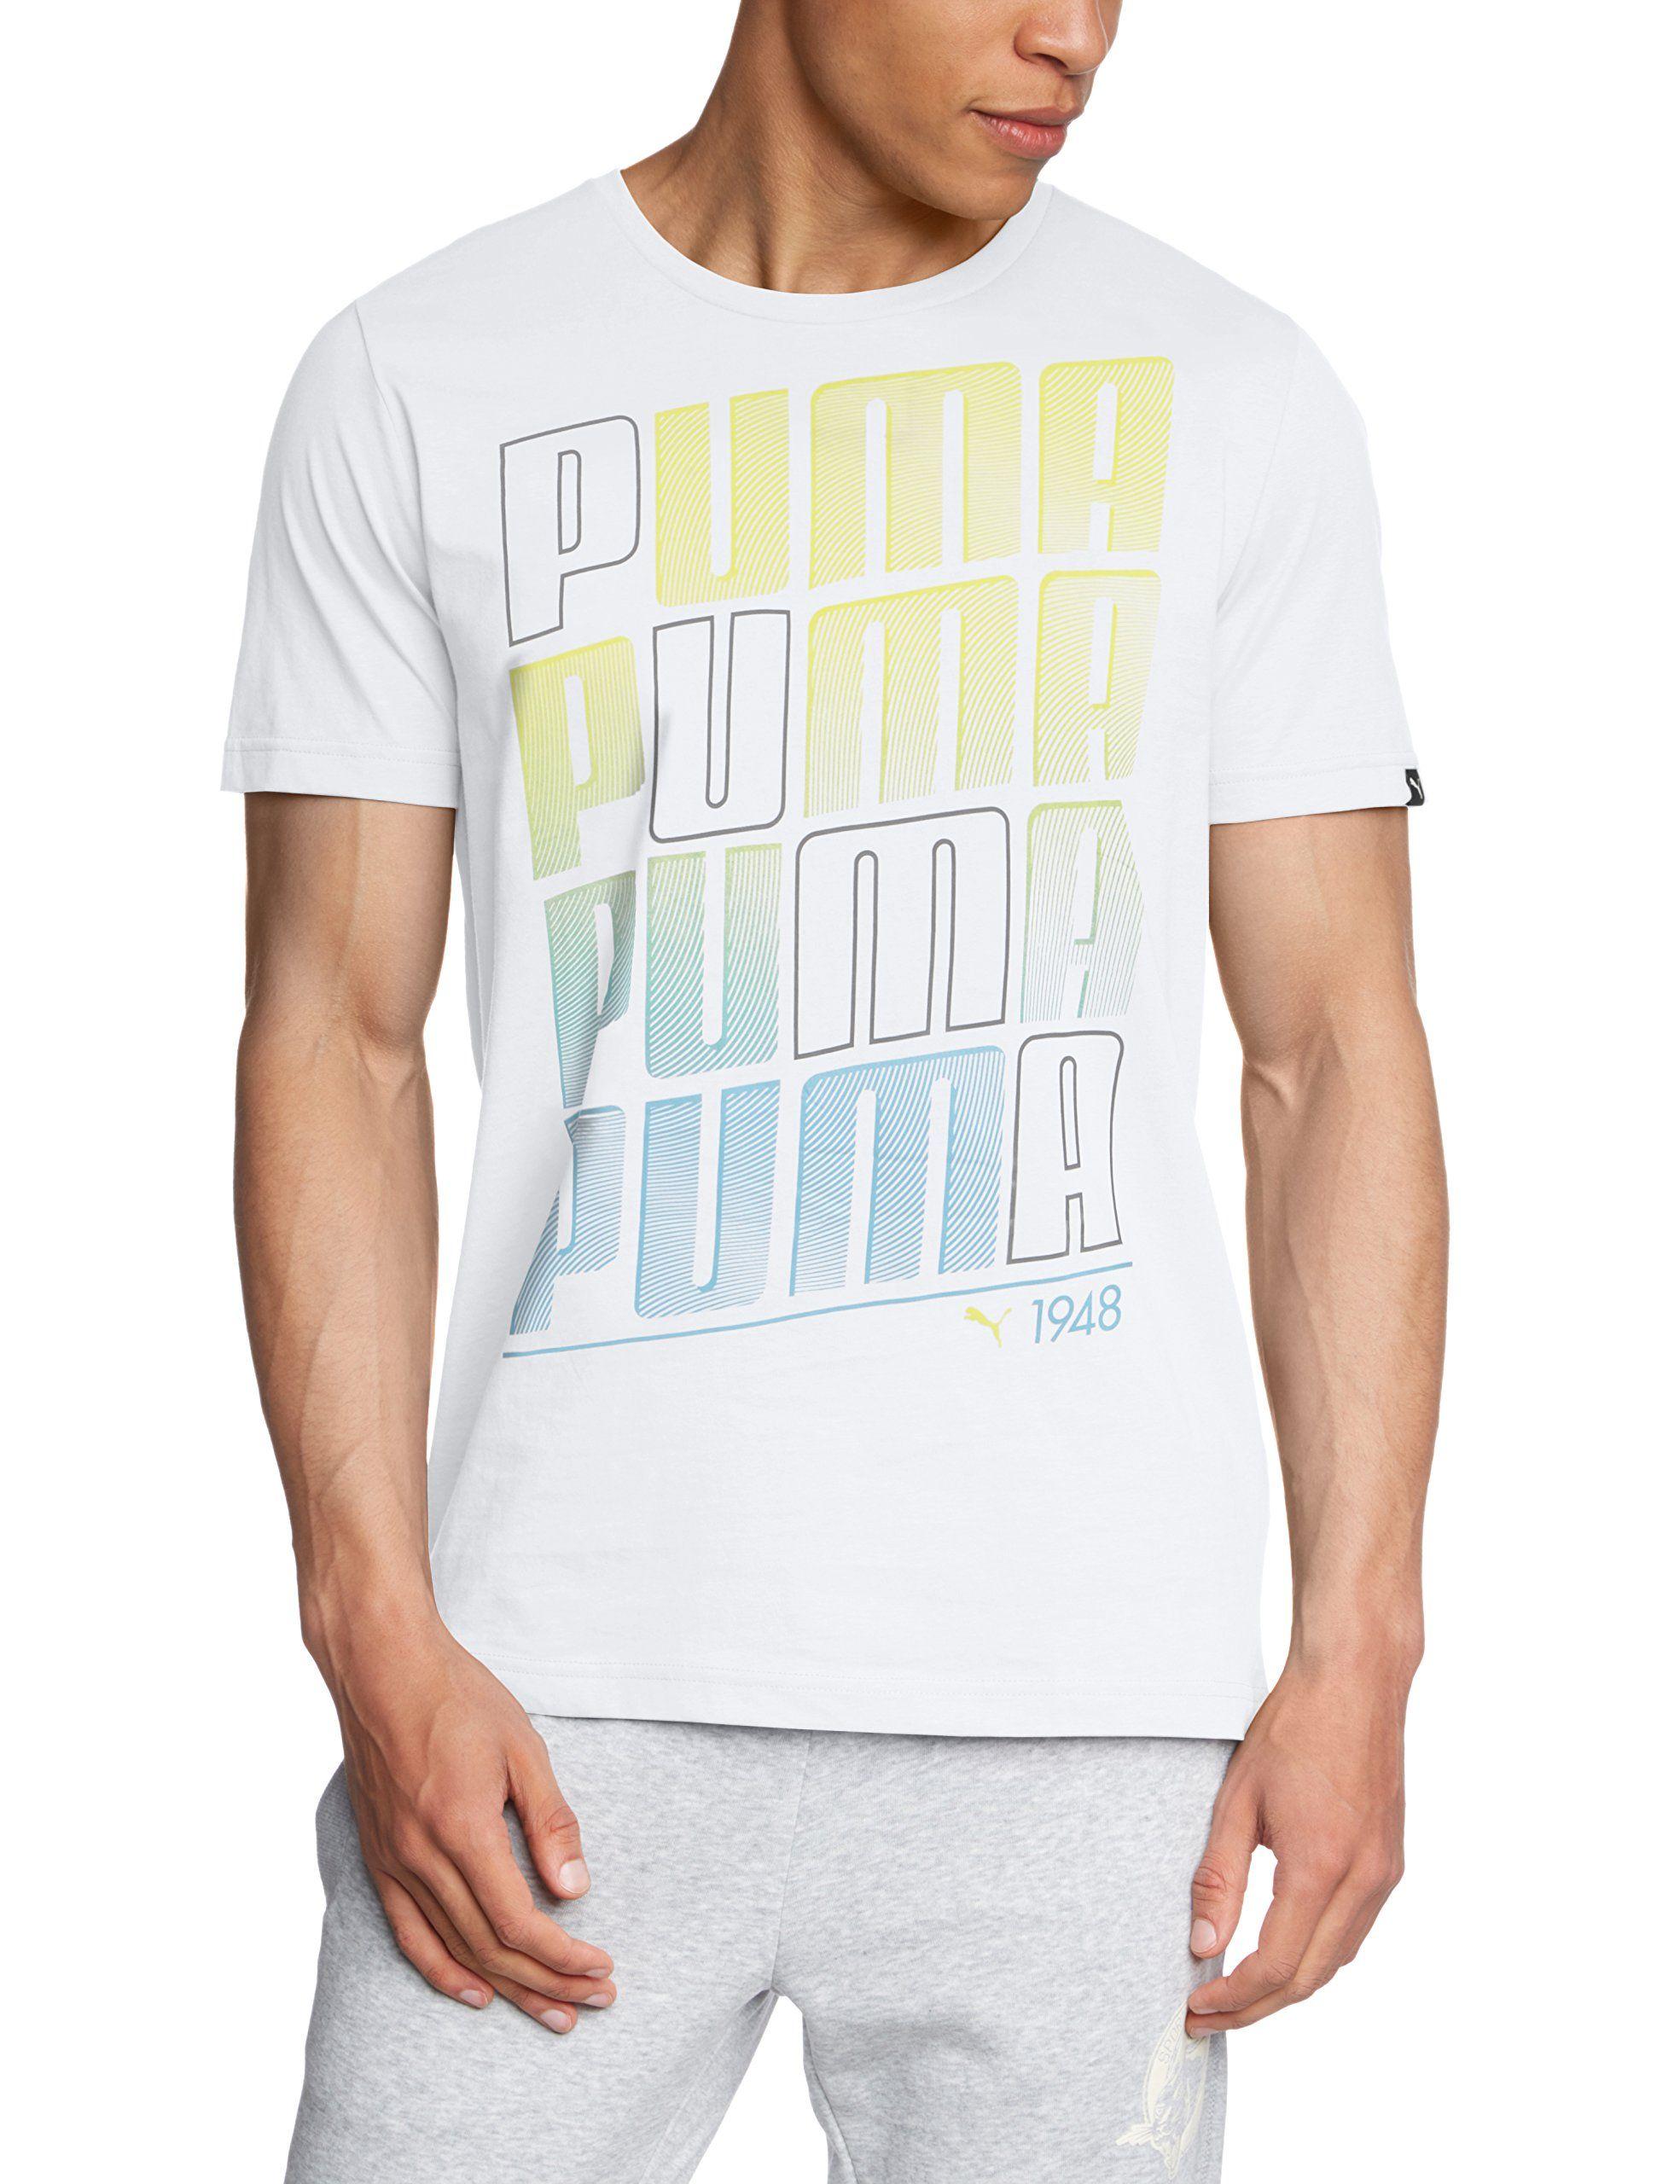 PUMA Herren T-Shirt Fun Summer Graphic Tee: Amazon.de: Sport & Freizeit